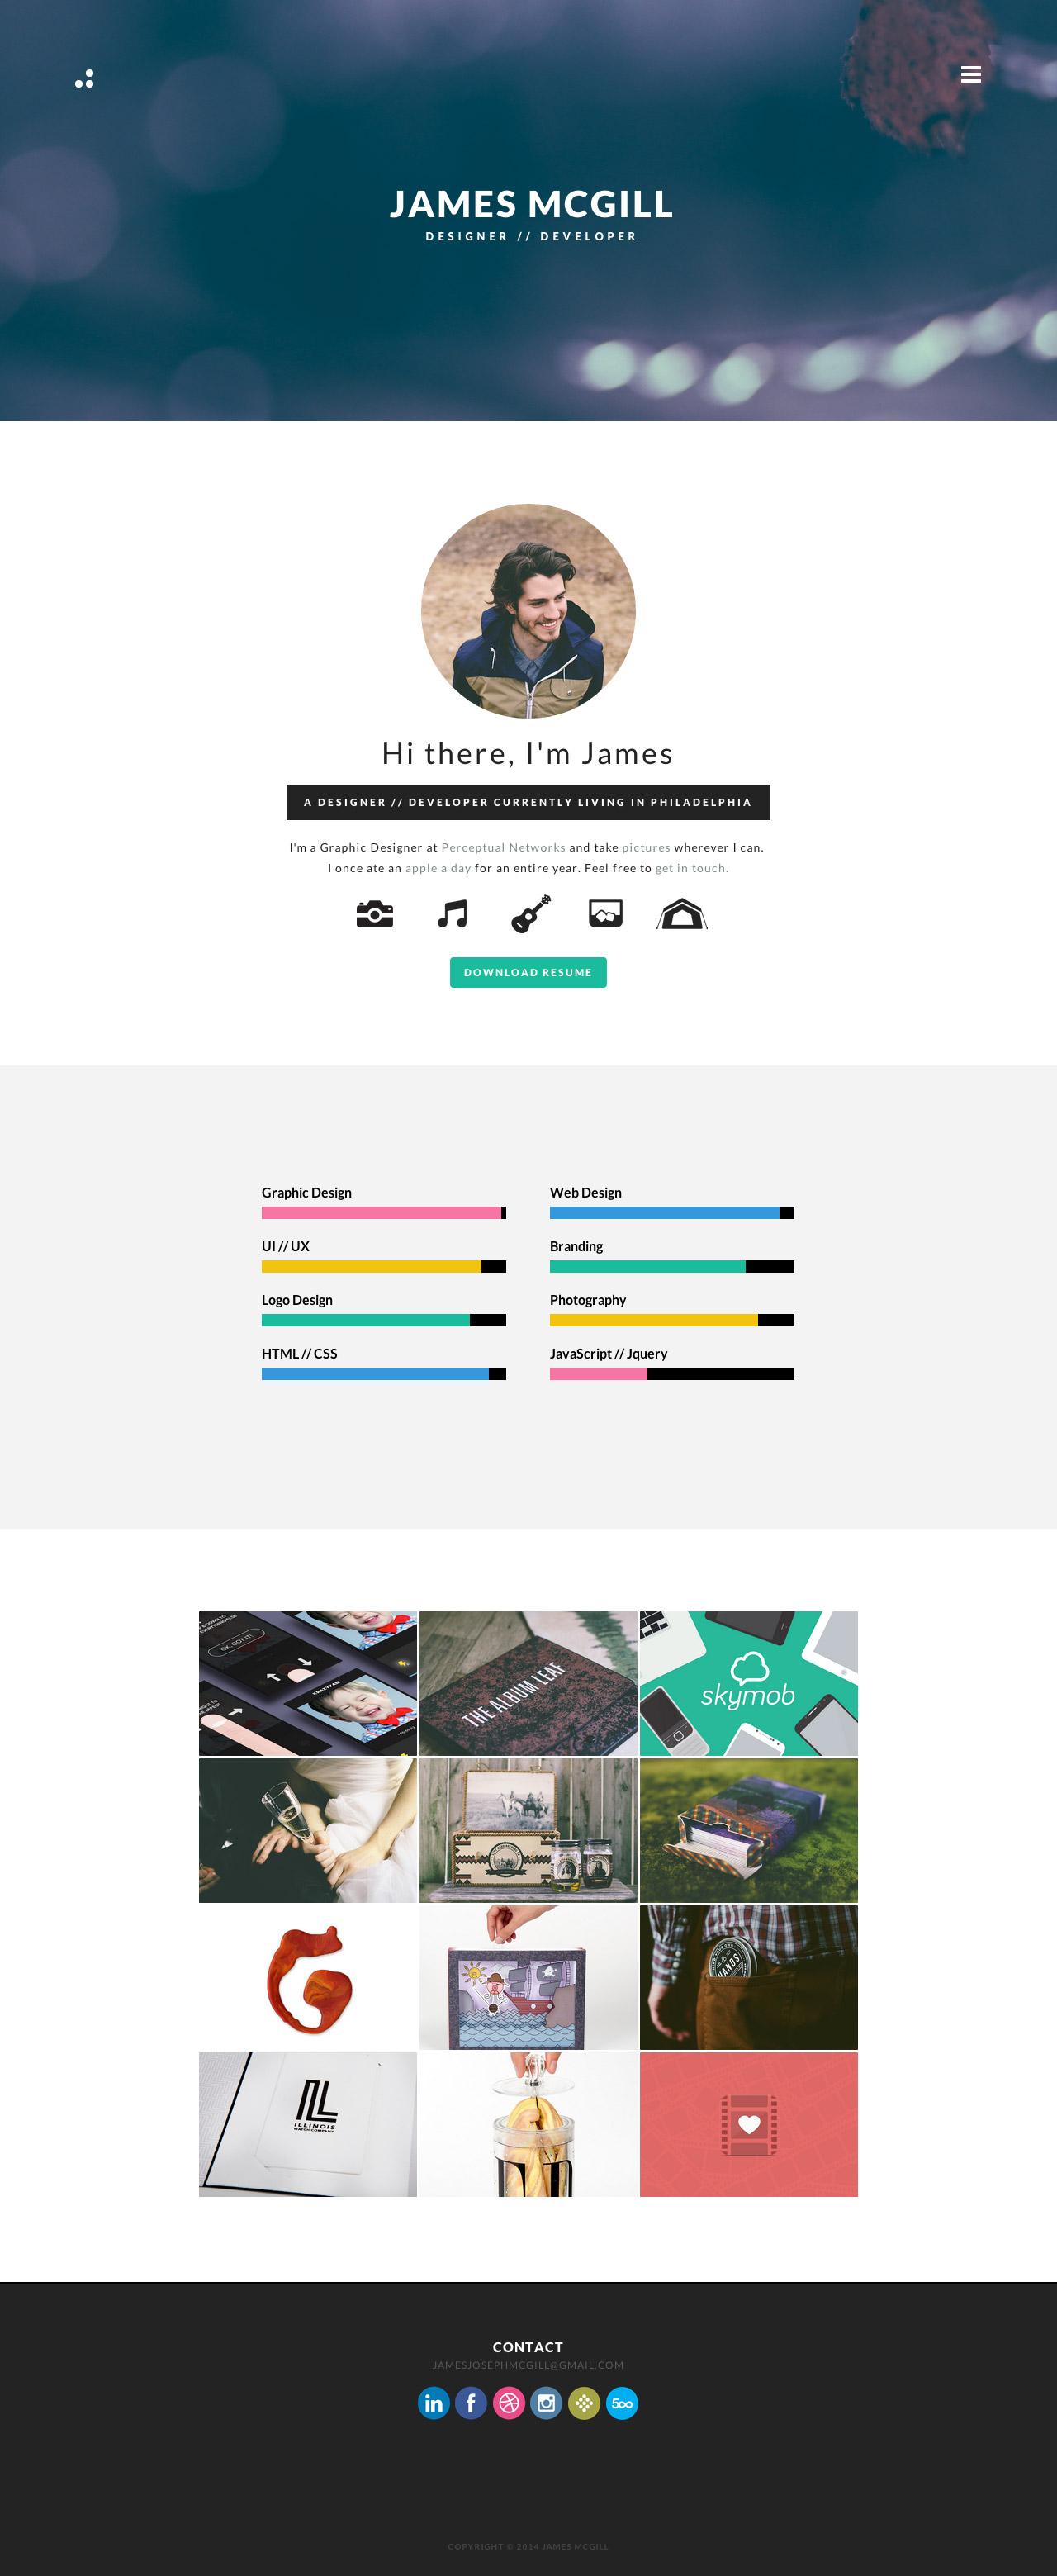 James McGill Website Screenshot